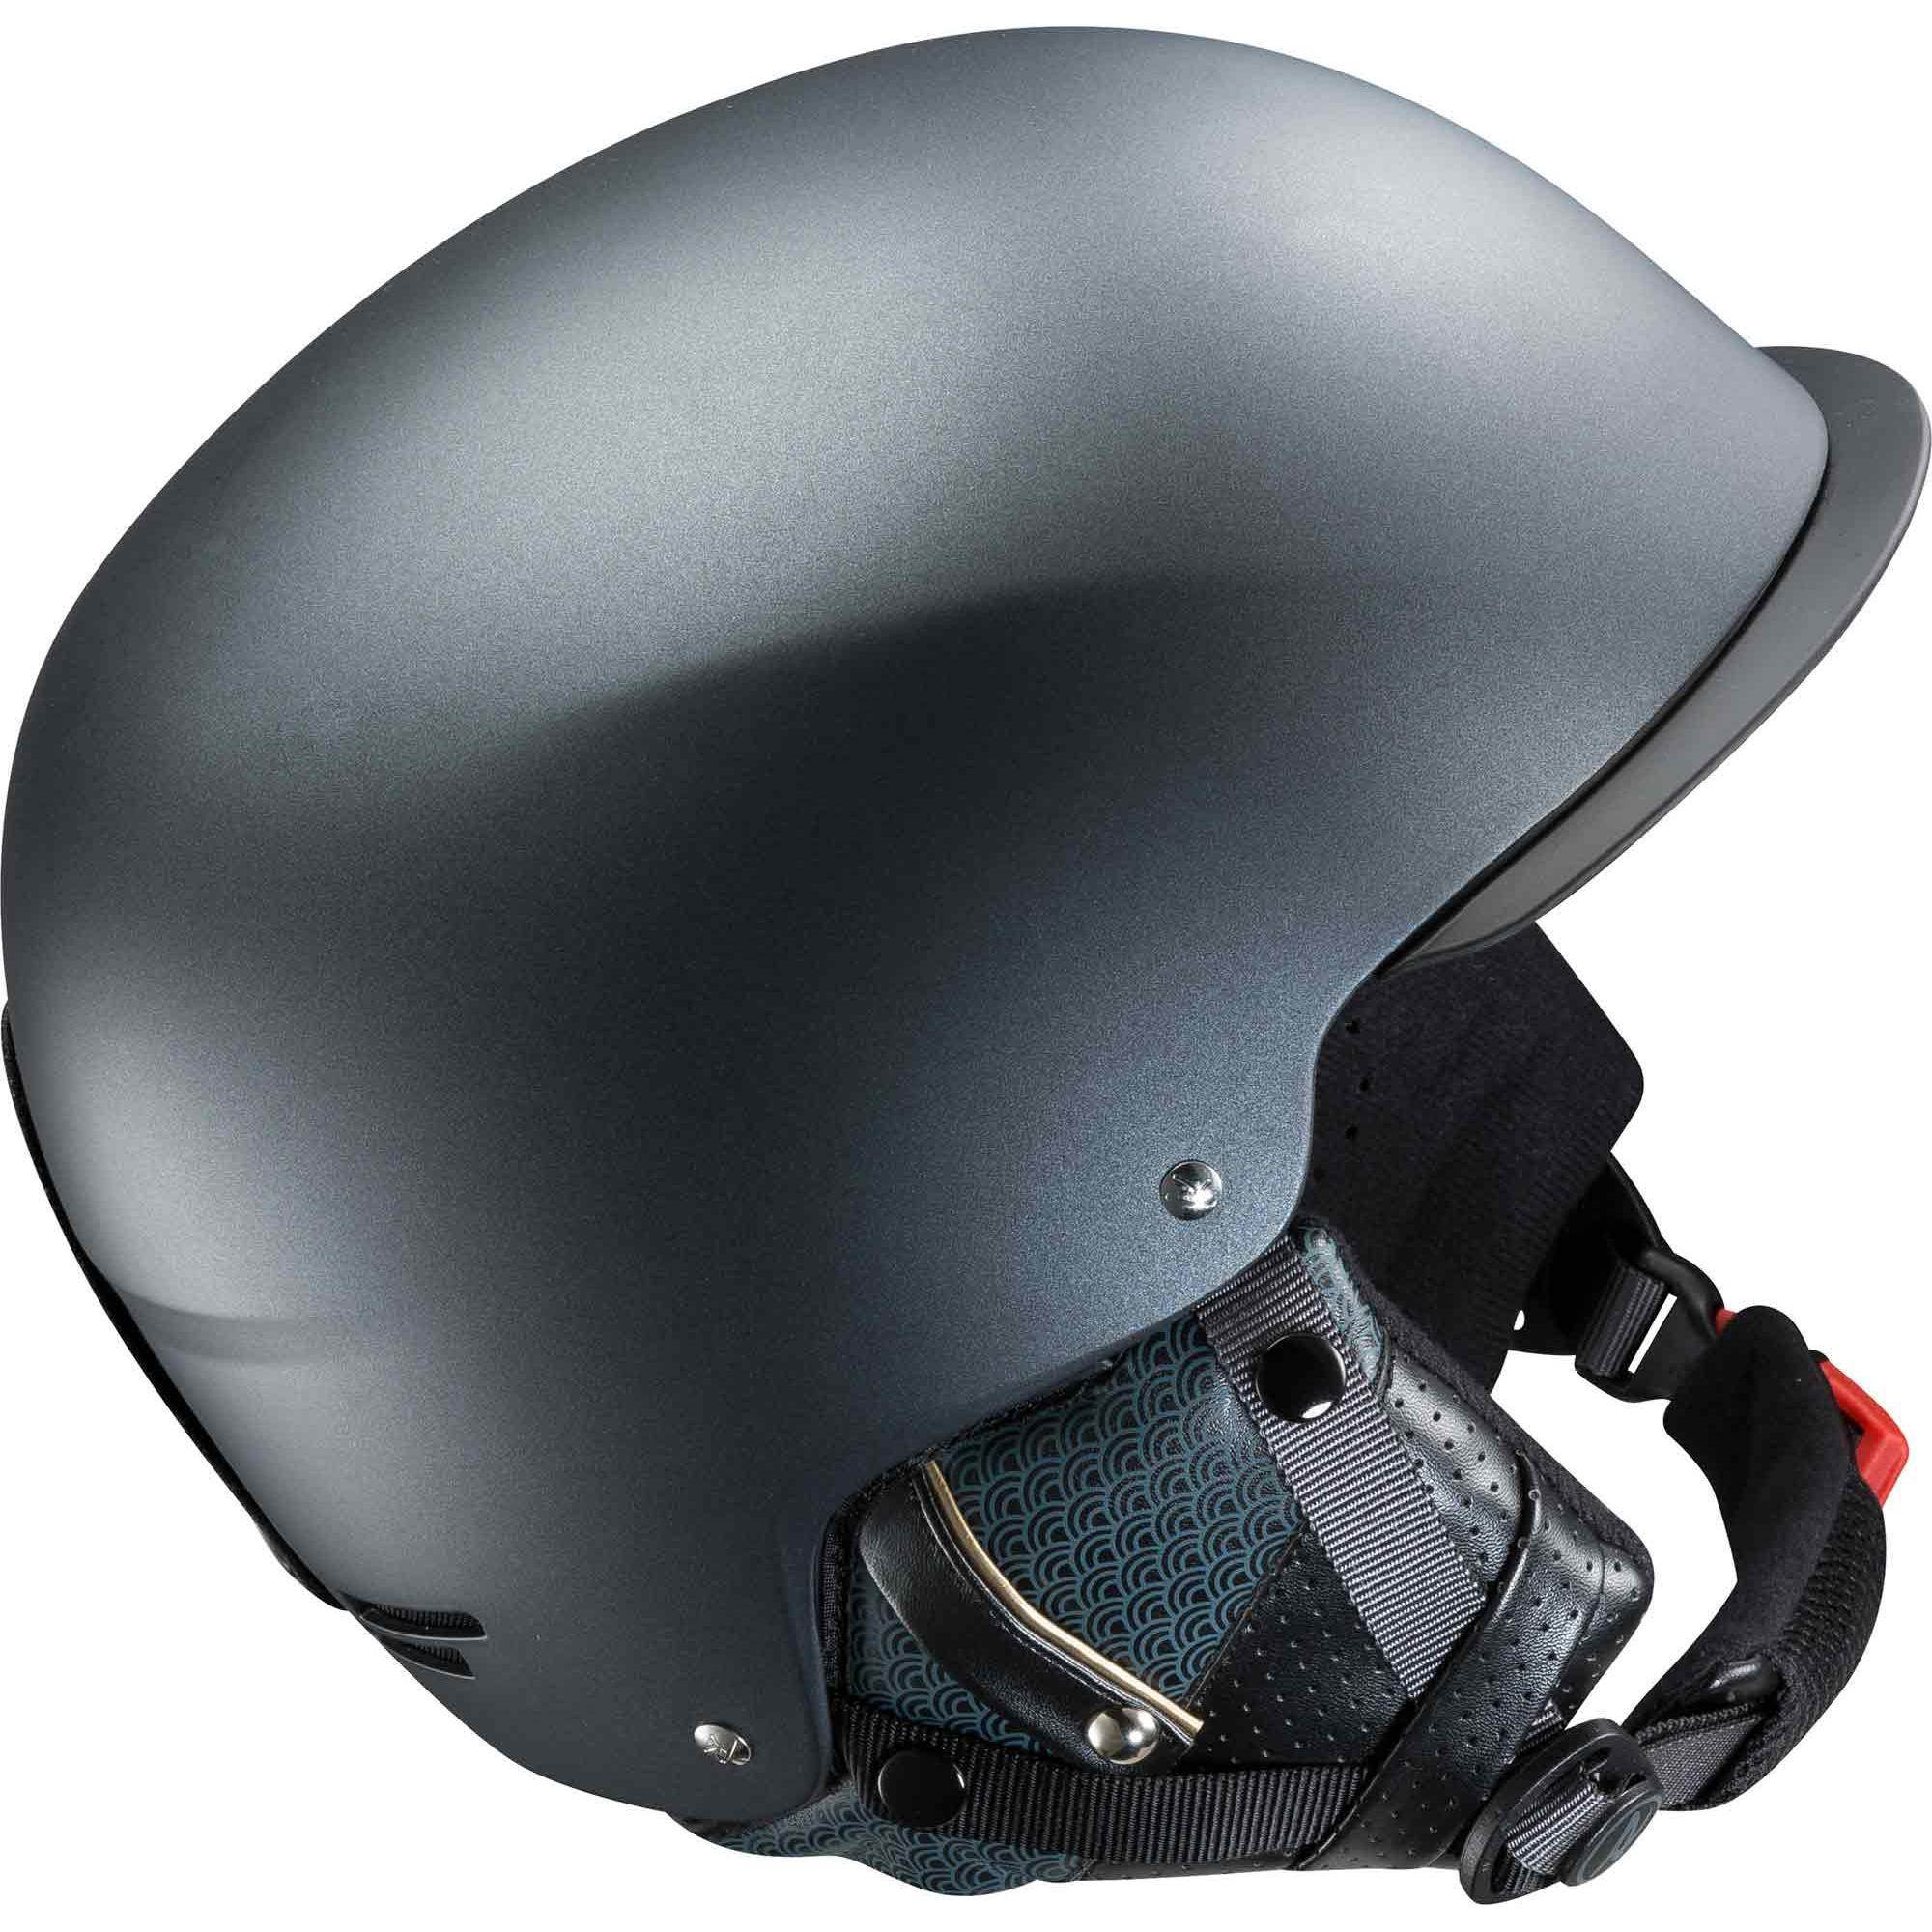 Helmet Spark - Epp - Black Noir